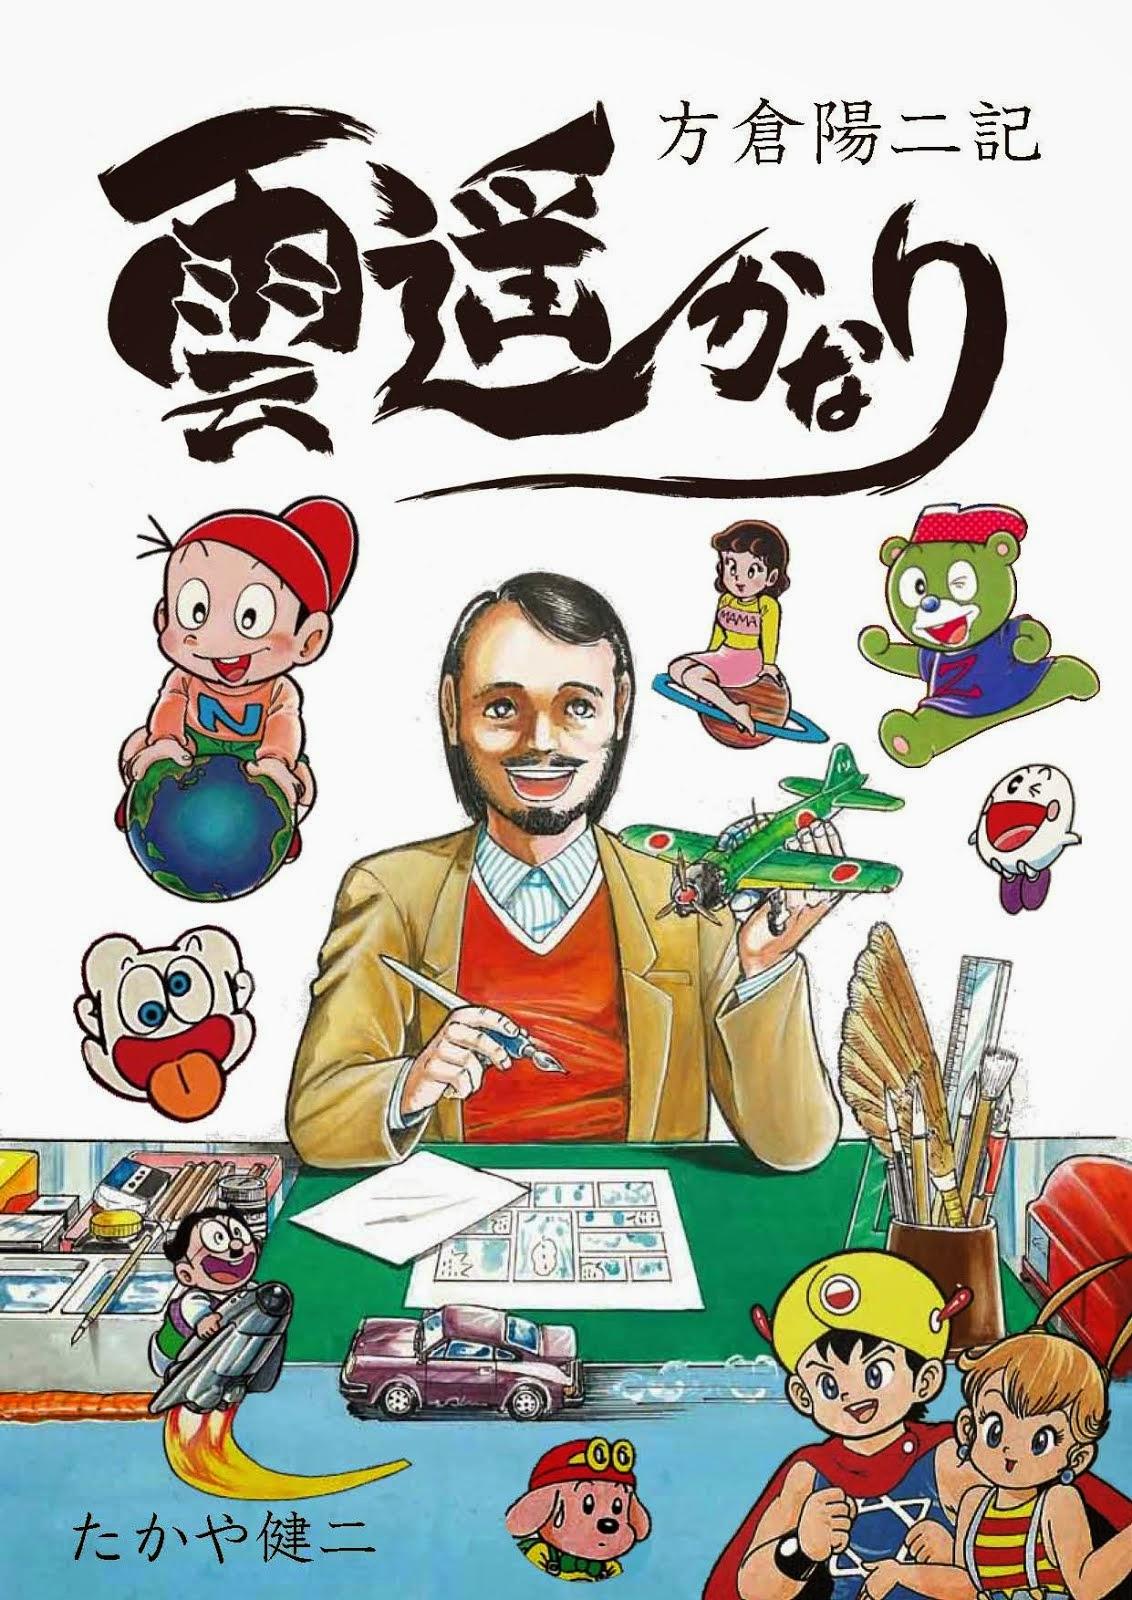 方倉陽二記「雲遙かなり」/たかや健二(無料電子版)